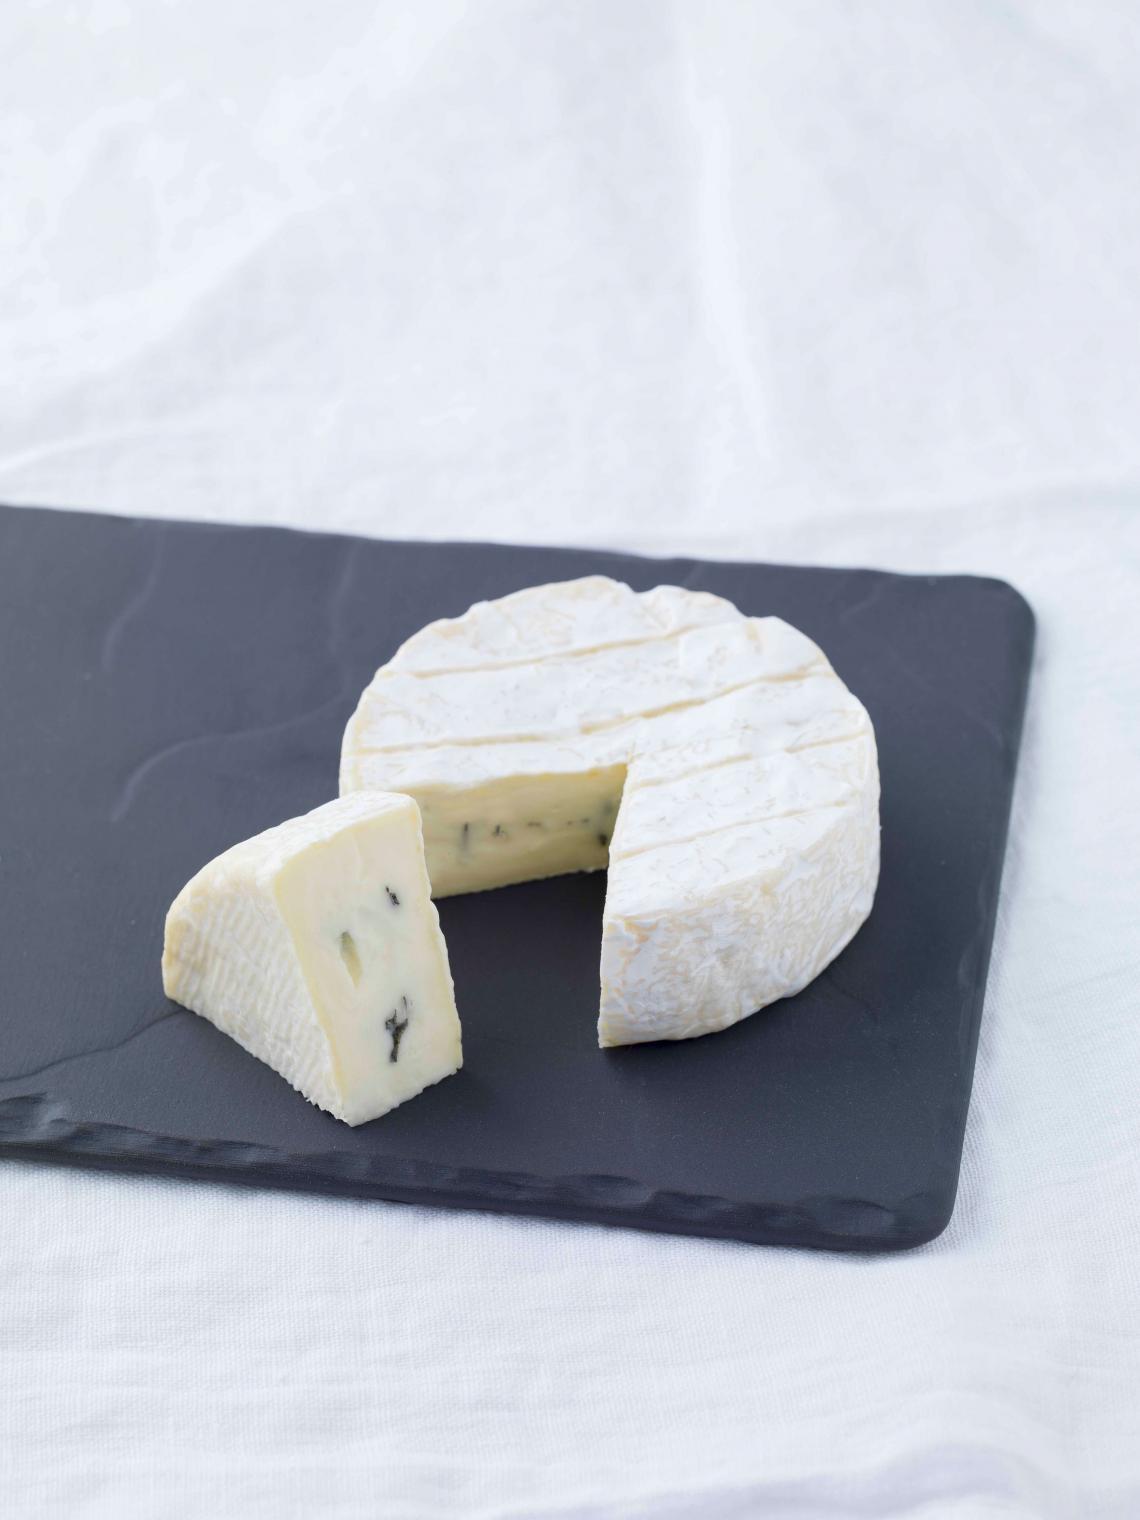 ILE DE FRANCE® Brie au Bleu on a plate